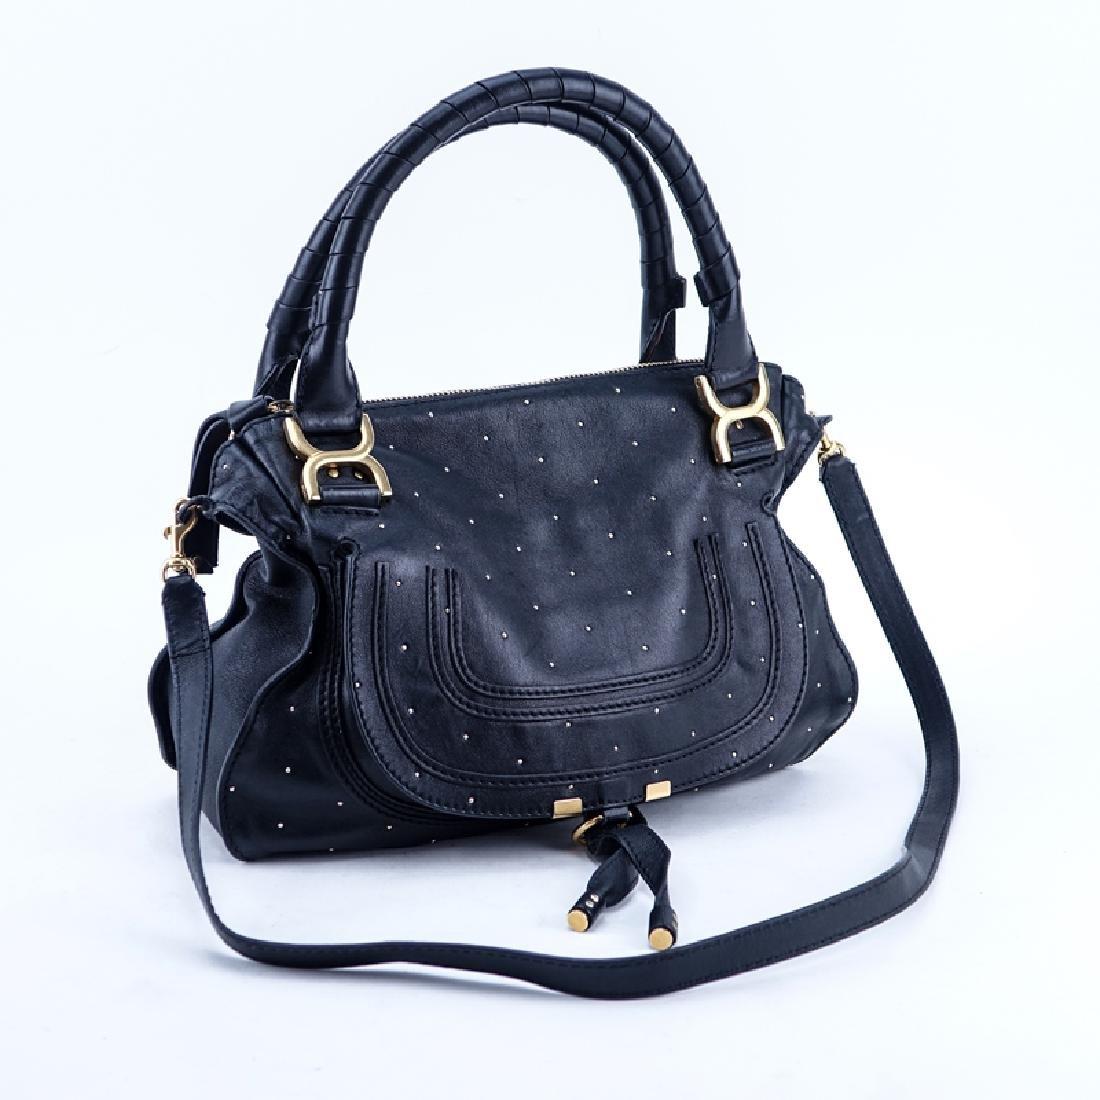 Chloe Black Smooth Studded Leather Marcie Shoulder Bag.